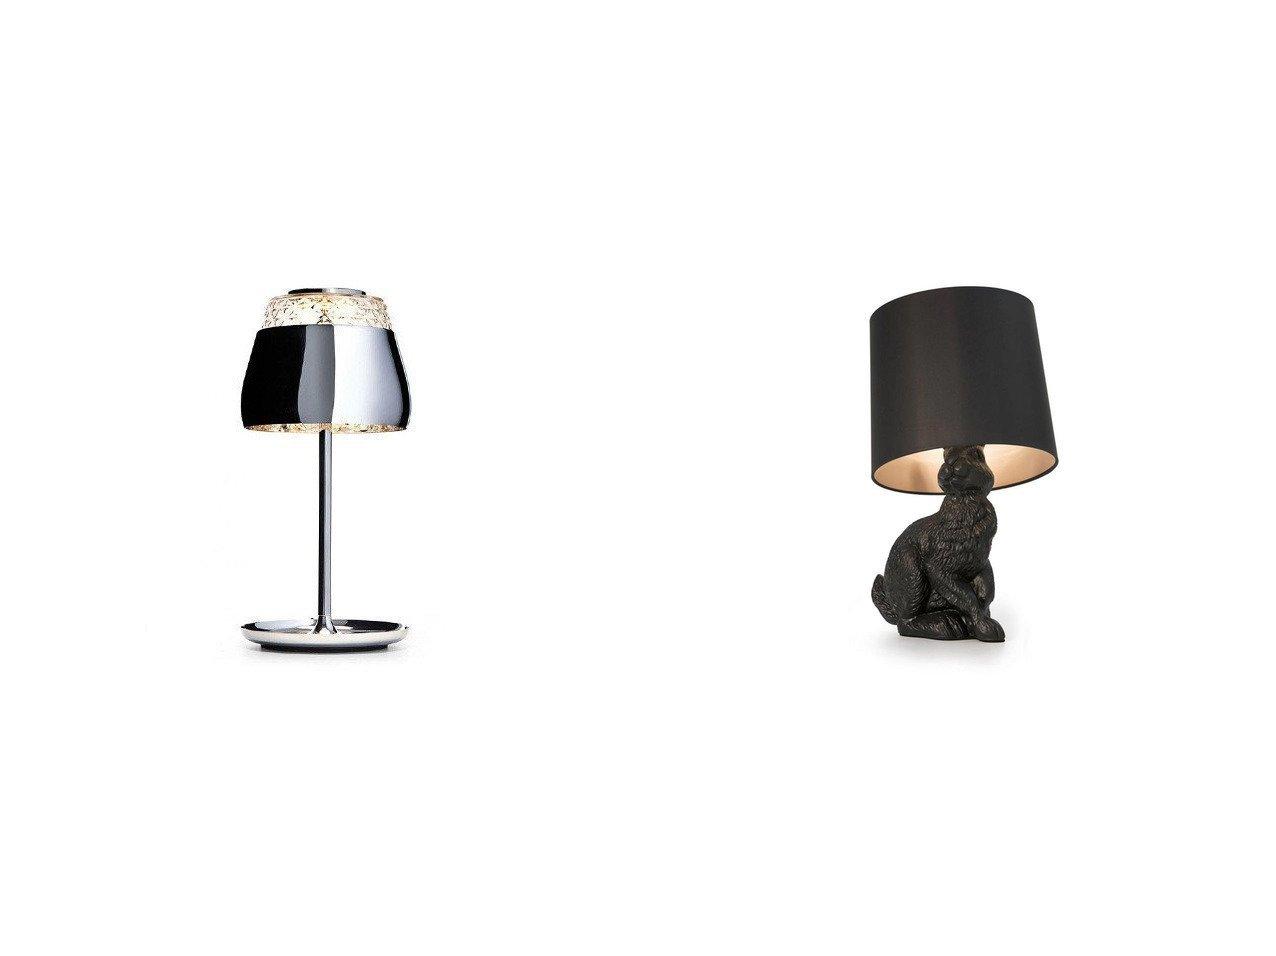 【moooi/モーイ】のバレンタイン テーブルランプ LED(クローム)&ラビット ランプ 【FURNITURE ライト・照明】おすすめ!人気、インテリア雑貨・家具の通販 おすすめで人気の流行・トレンド、ファッションの通販商品 インテリア・家具・メンズファッション・キッズファッション・レディースファッション・服の通販 founy(ファニー) https://founy.com/ 送料無料 Free Shipping ガラス クリスタル テーブル パターン フロント リアル ホーム・キャンプ・アウトドア Home,Garden,Outdoor,Camping Gear 家具・インテリア Furniture ライト・照明 Lighting & Light Fixtures  ID:crp329100000052352